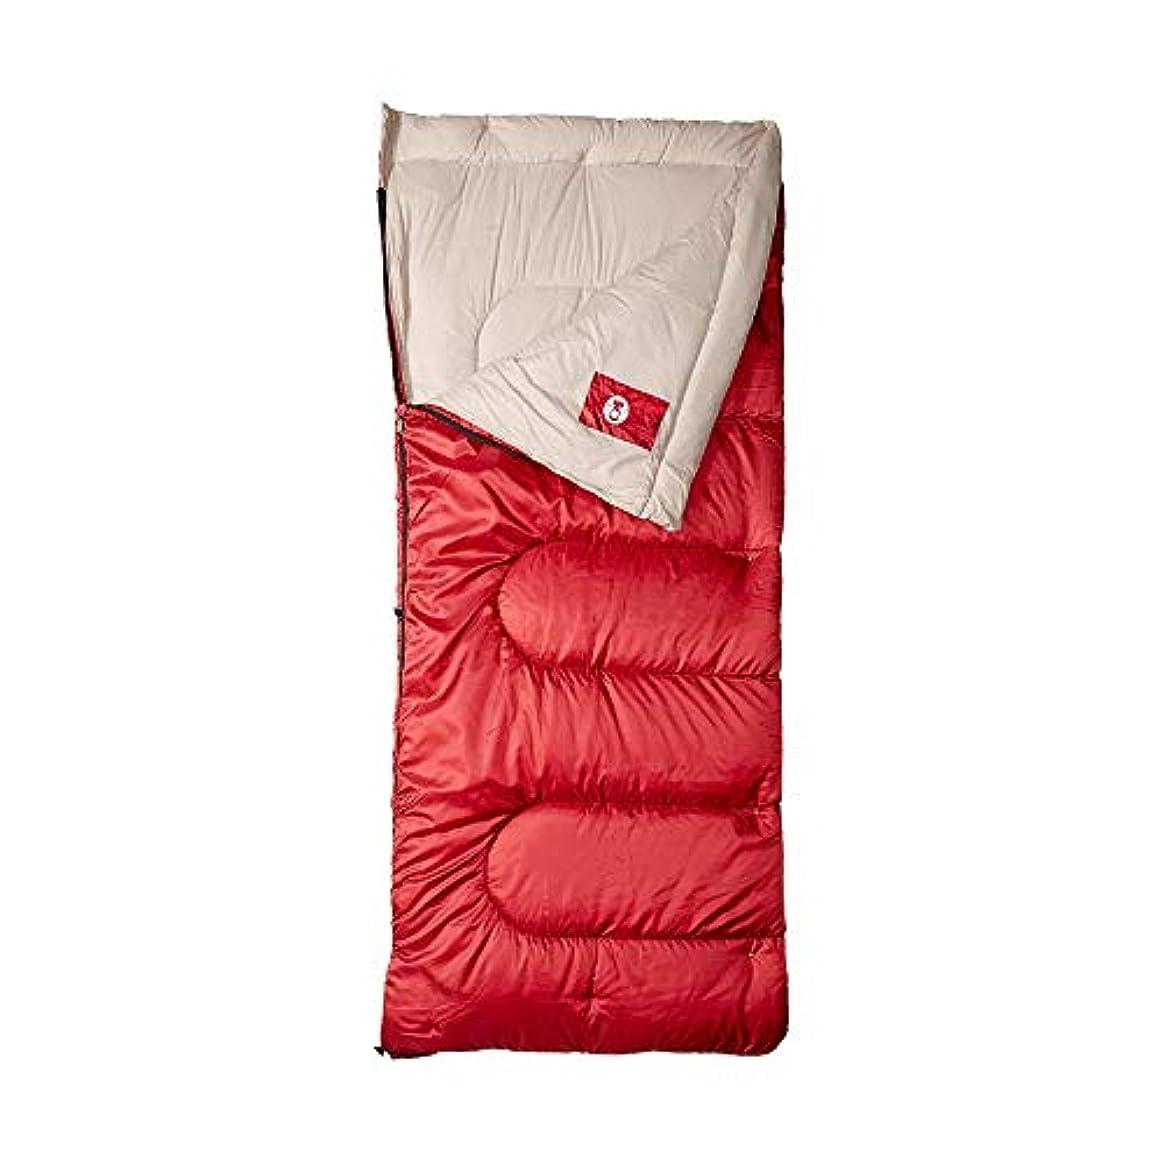 相互リス診療所Coleman(コールマン) Palmetto (パルメット) 寝袋 最適温度 -1.1 ? 10 ℃ 180cmまで対応 日本未発売 [並行輸入品]